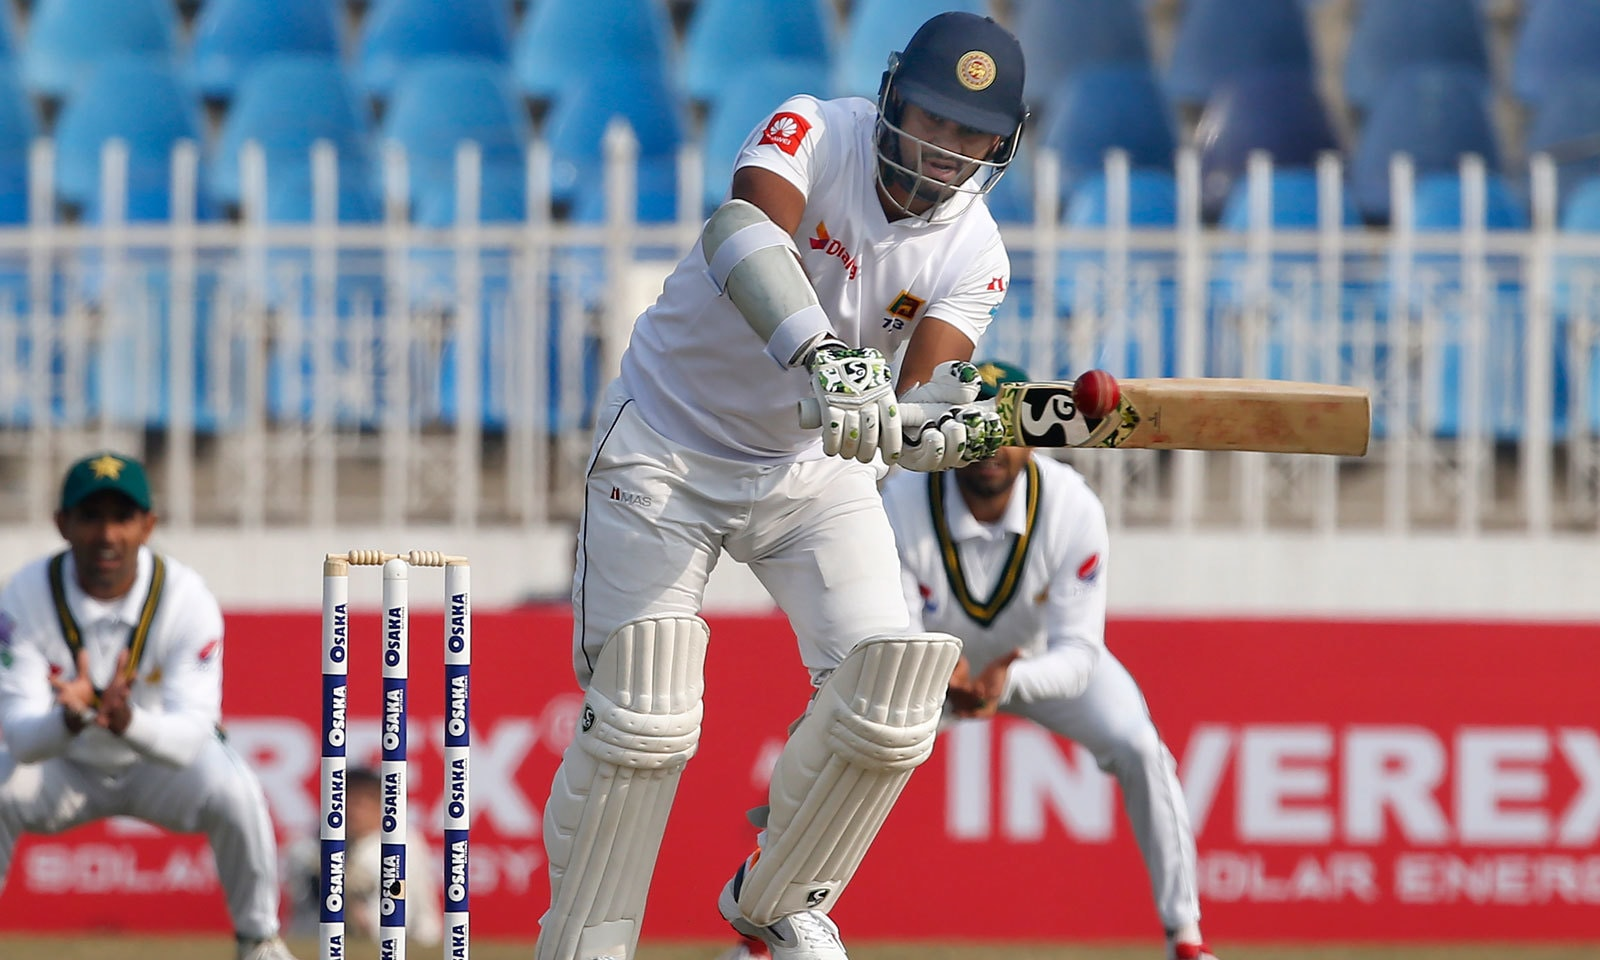 سری لنکن کپتان دمتھ کرونارتنے نے نصف سنچری اسکور کرتے ہوئے 59رنز بنائے— فوٹو: اے پی